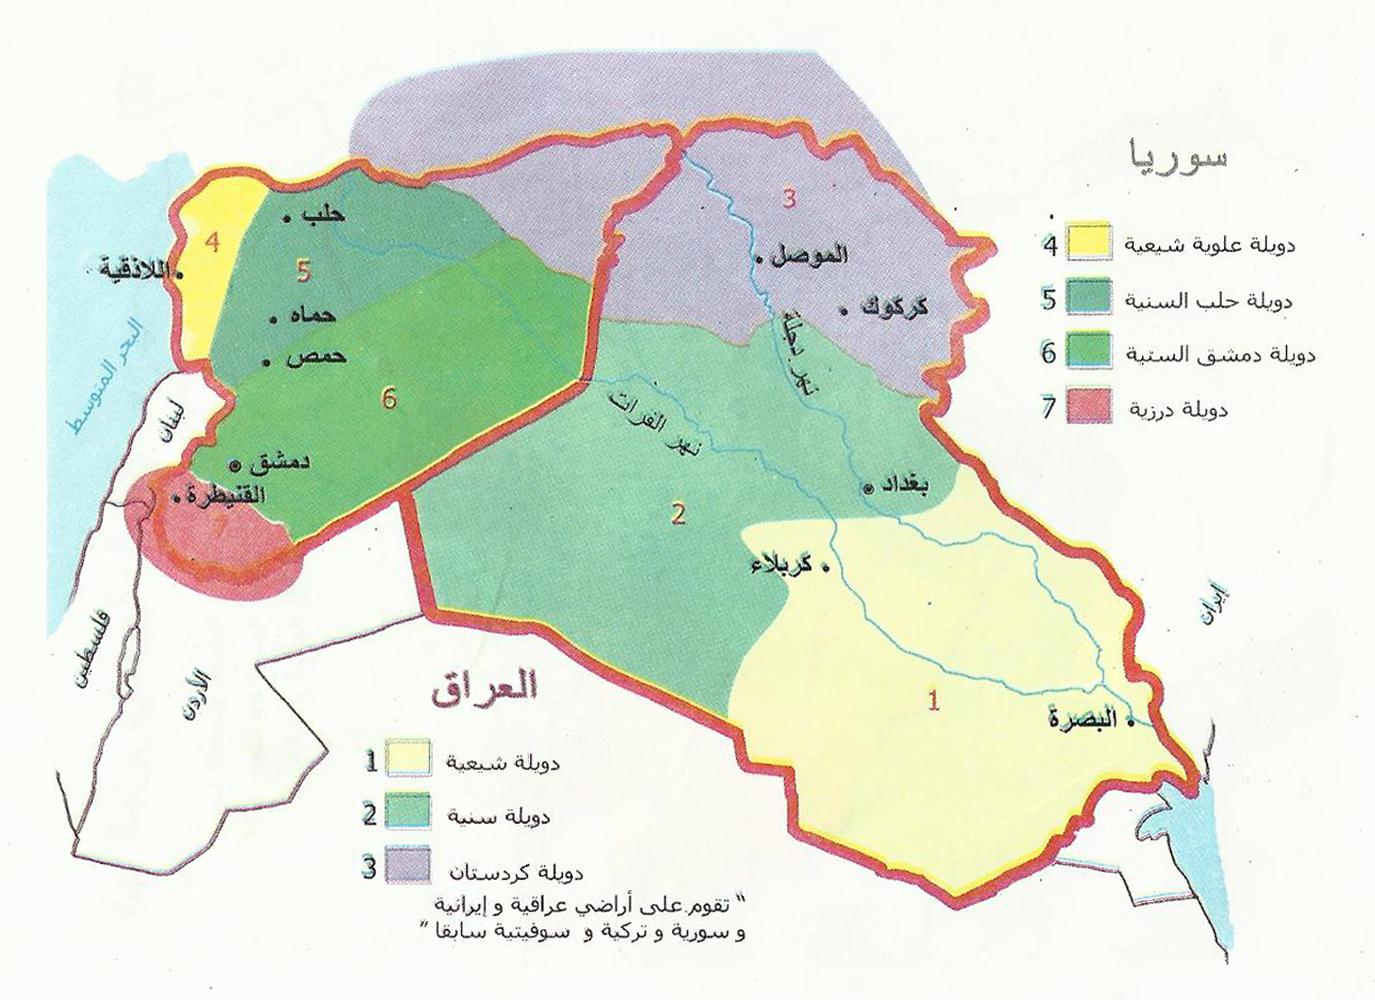 داعش وفكرة الدويلة حرية برس Horrya Press